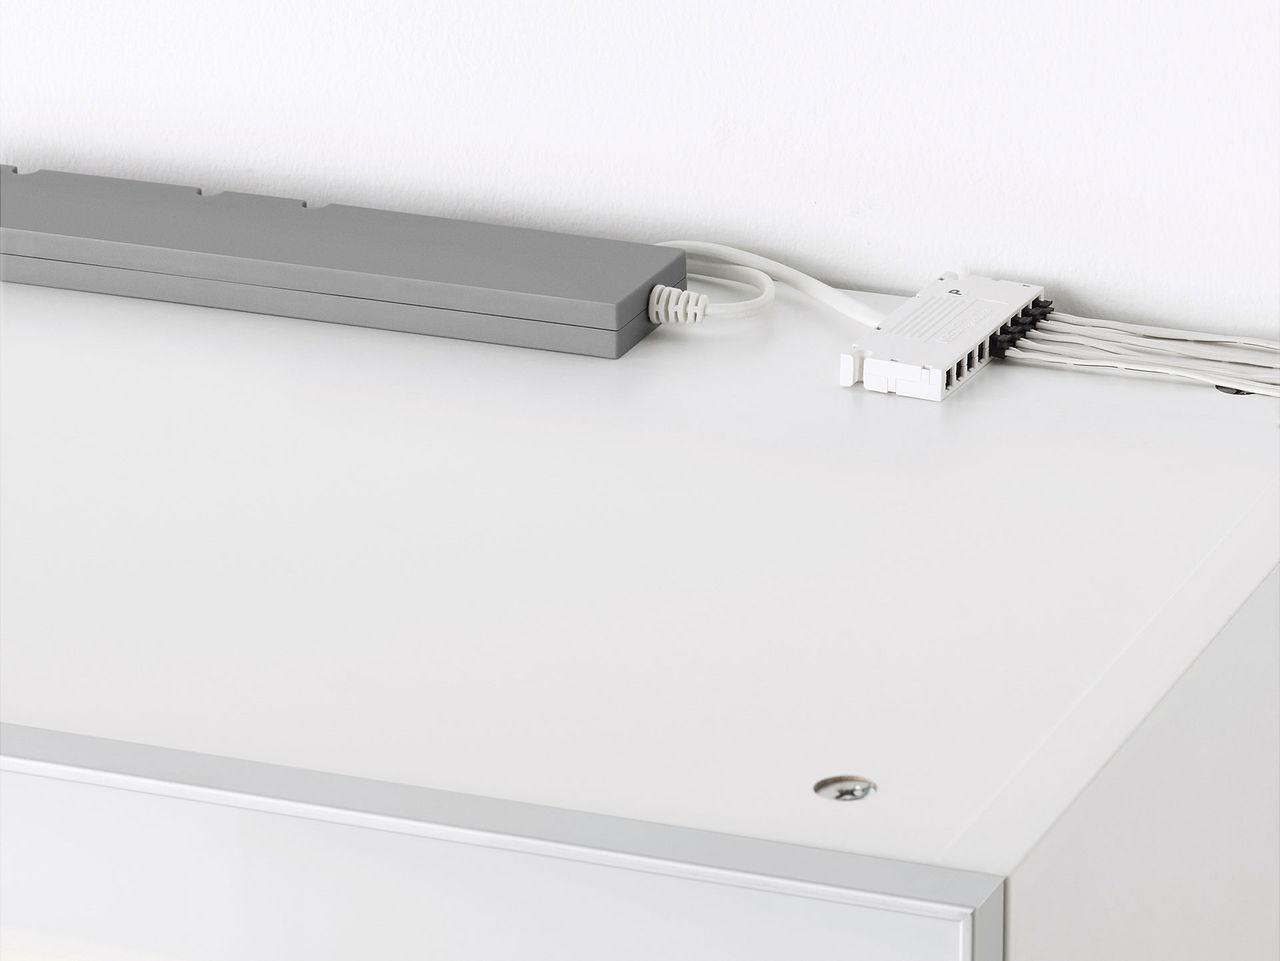 Nu kan du koppla ännu mer belysning till IKEA Trådfri